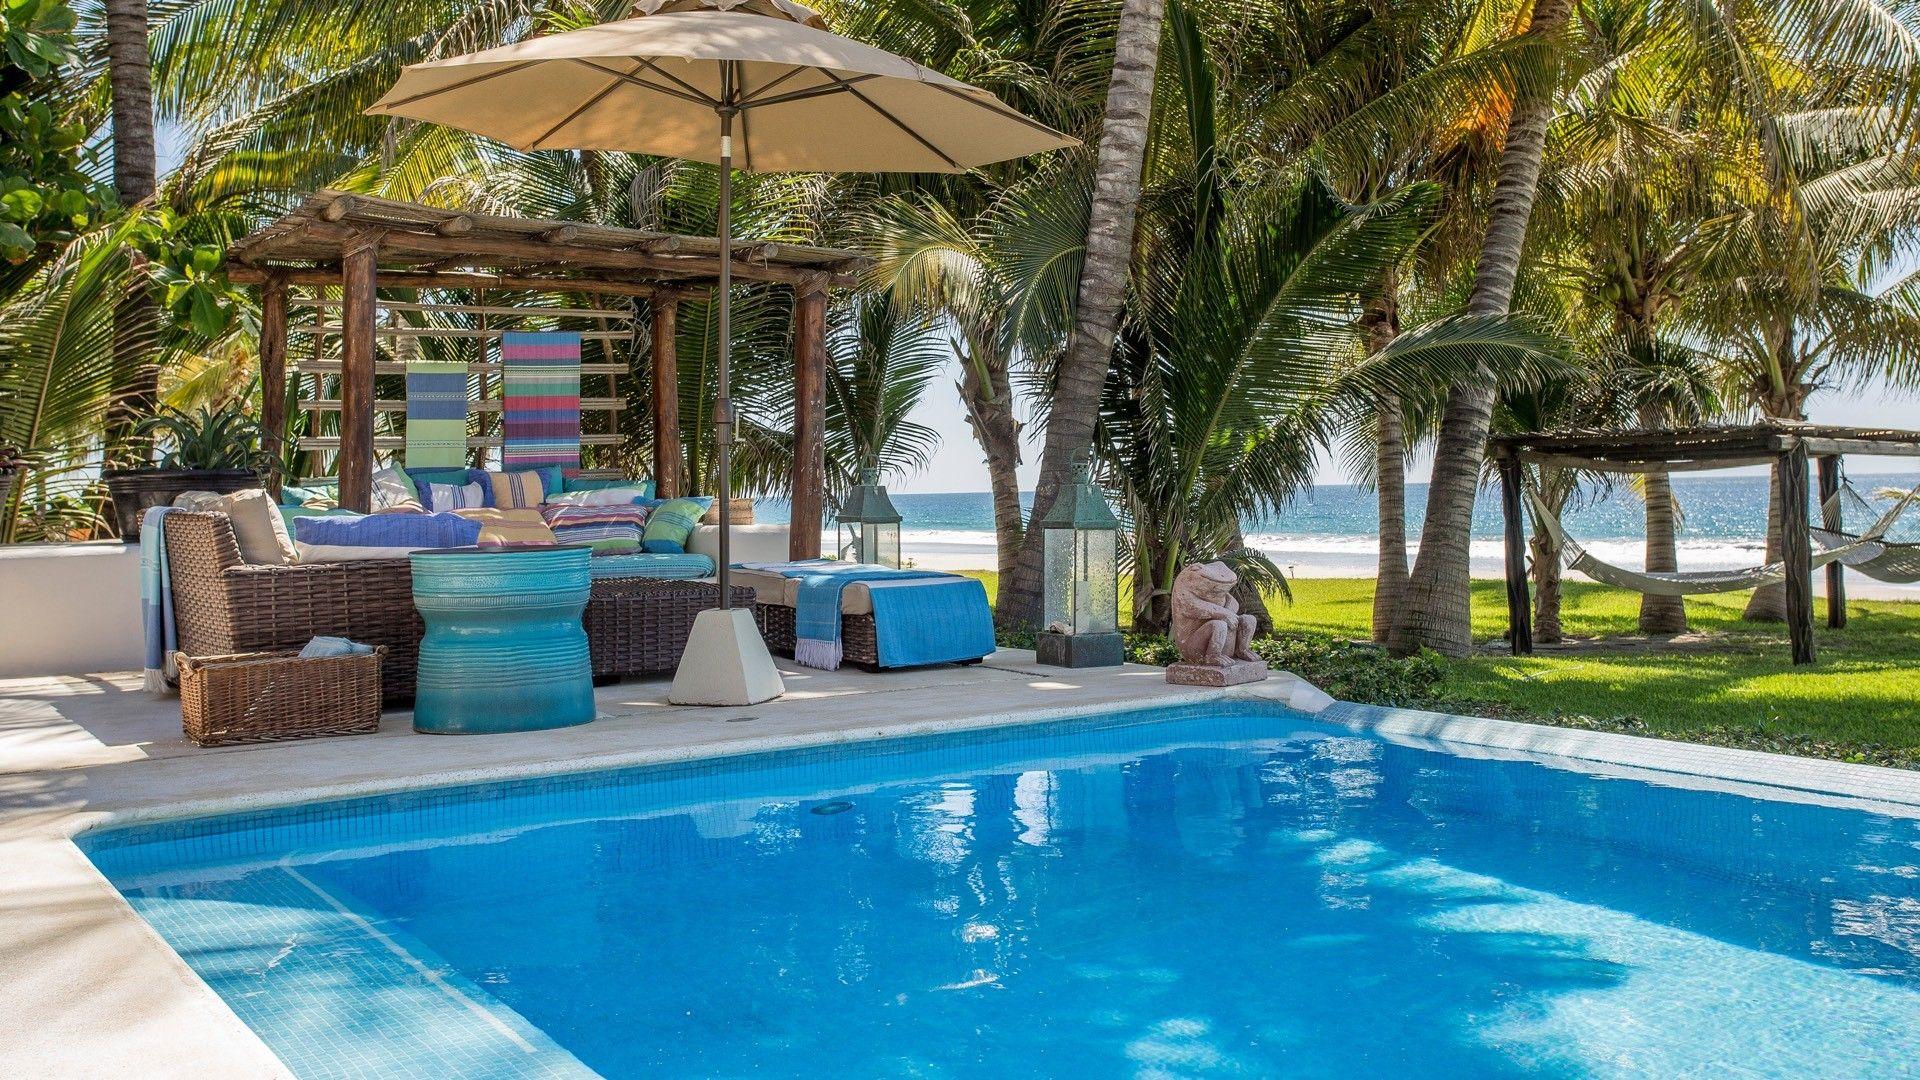 Casa Descalza Casas en venta, Casas de playa y Casas